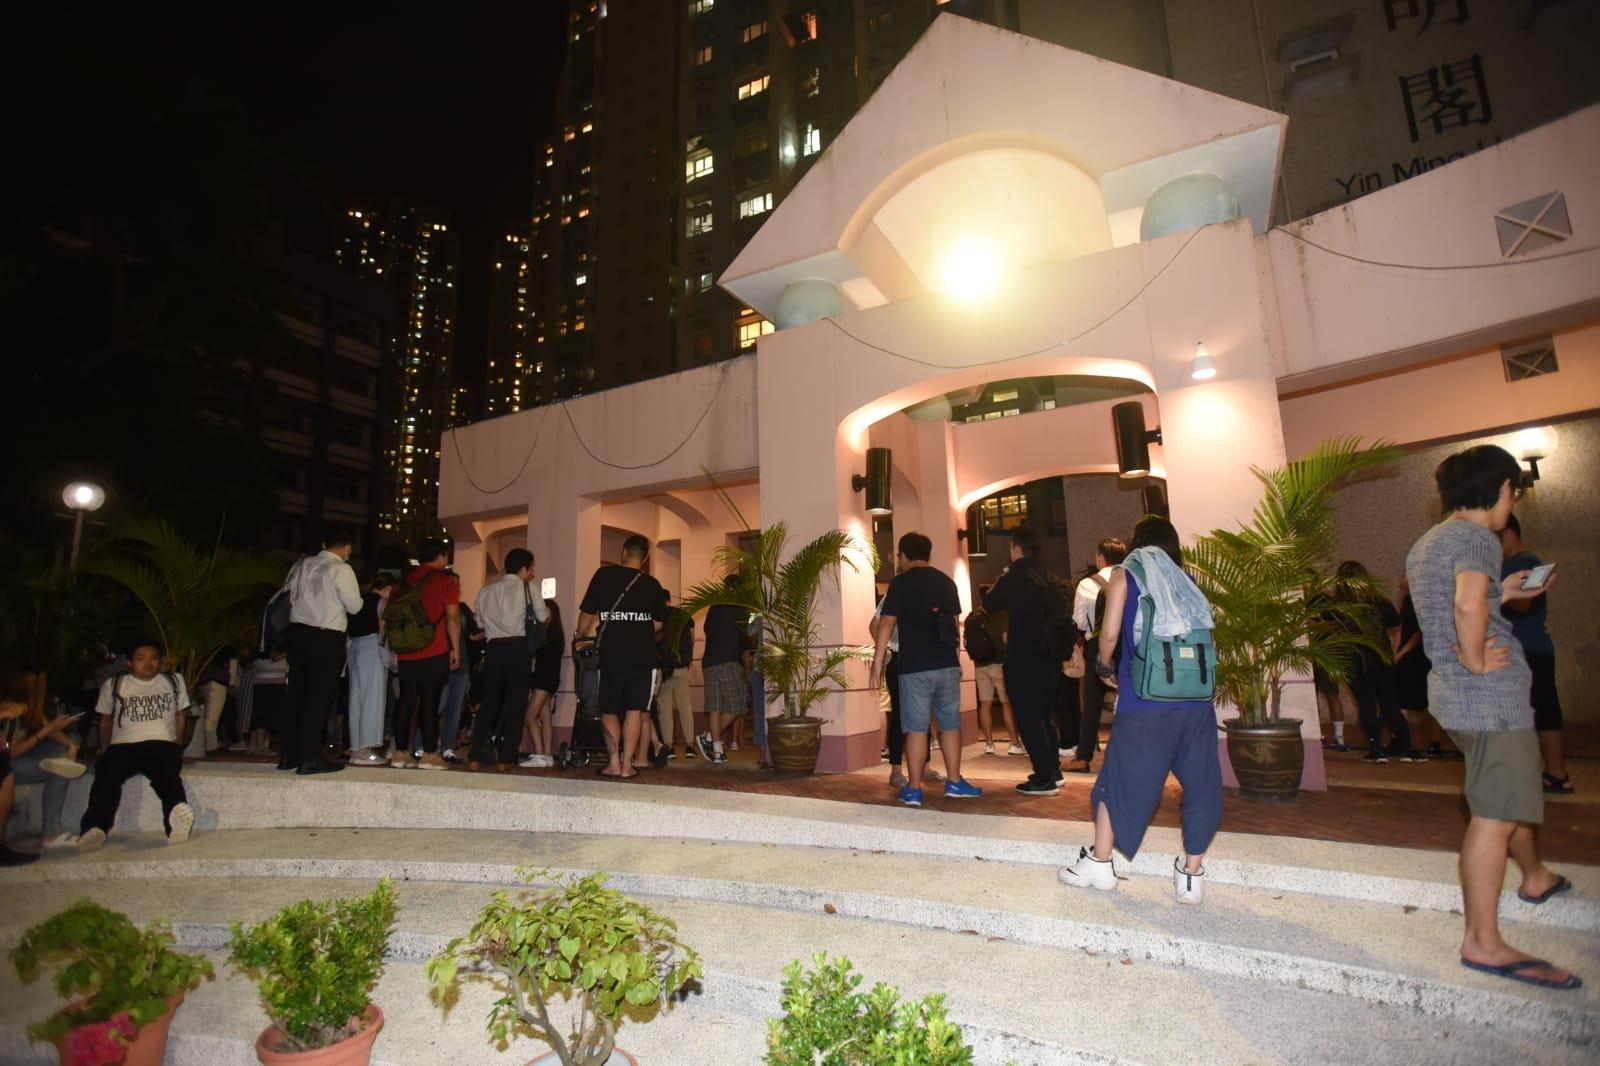 過百名頌明苑居民要求解釋為何疑犯可以逃入大廈。